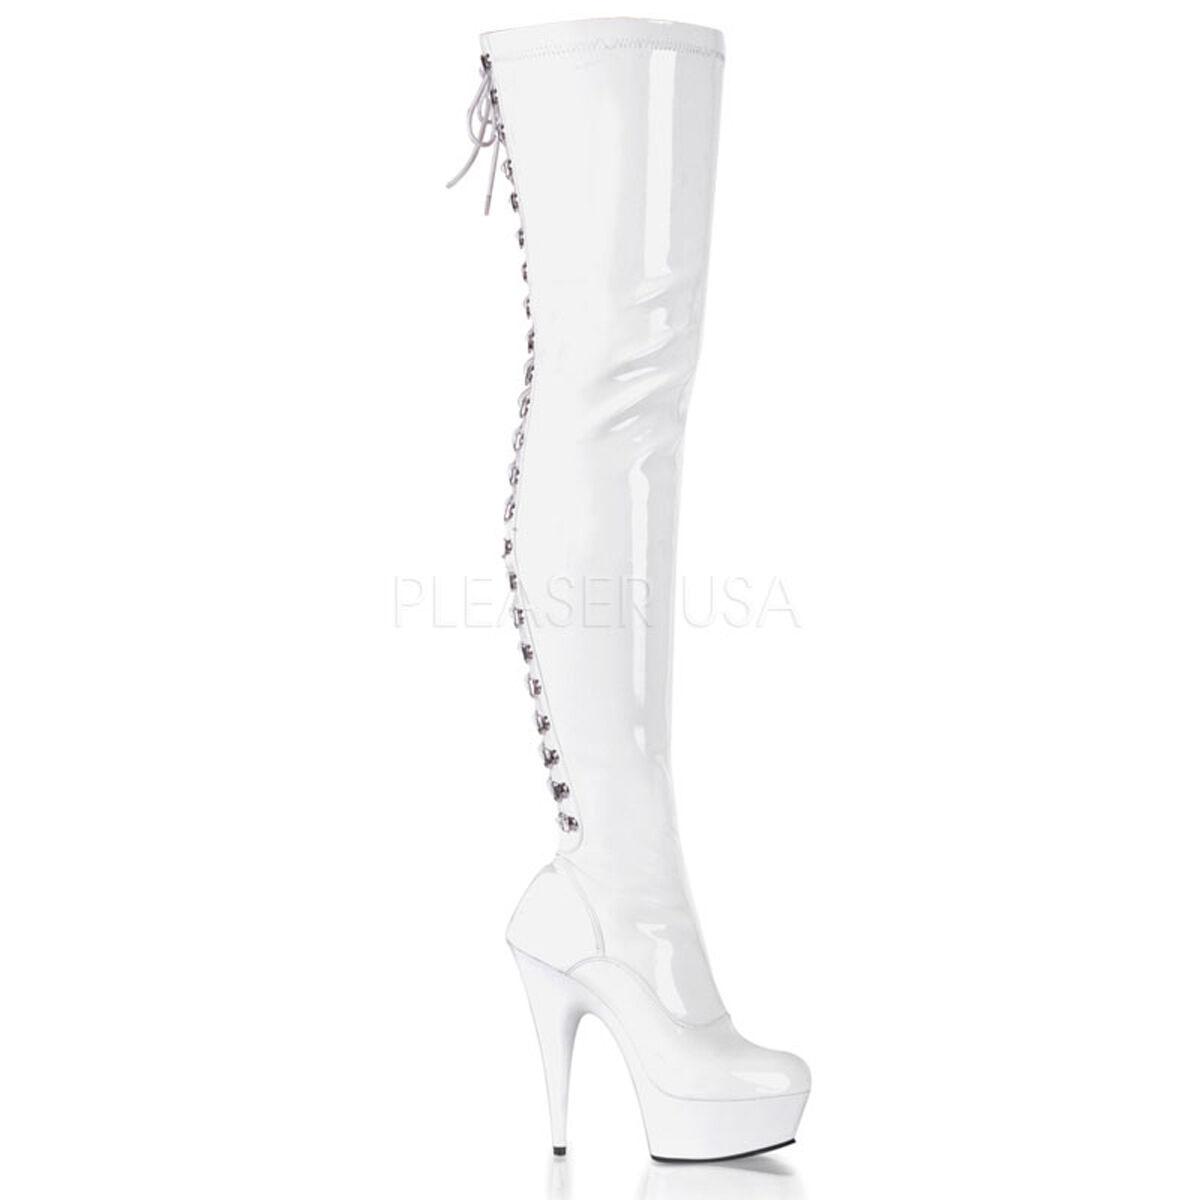 PLEASER PLEASER PLEASER Sexy White Platform 6  Stiletto Heel Stripper Dancer Thigh High Boots 6a5f95